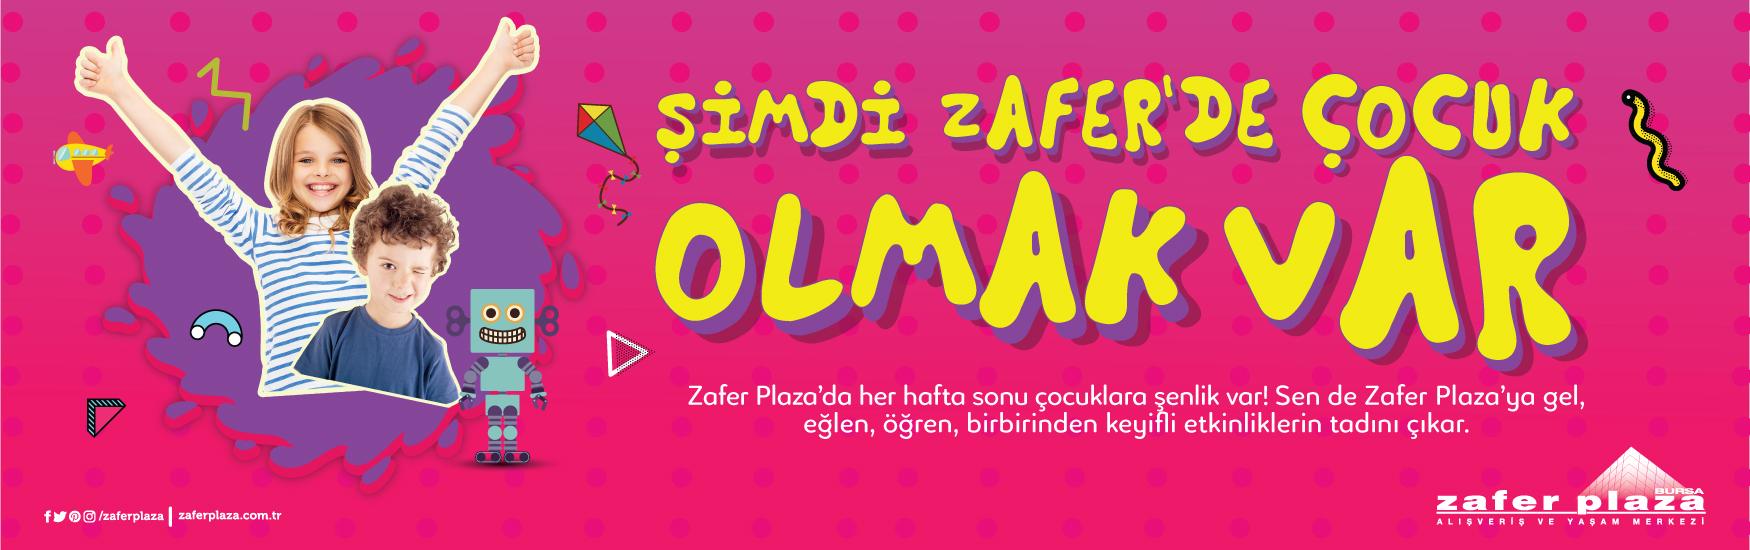 COCUK OLMAK